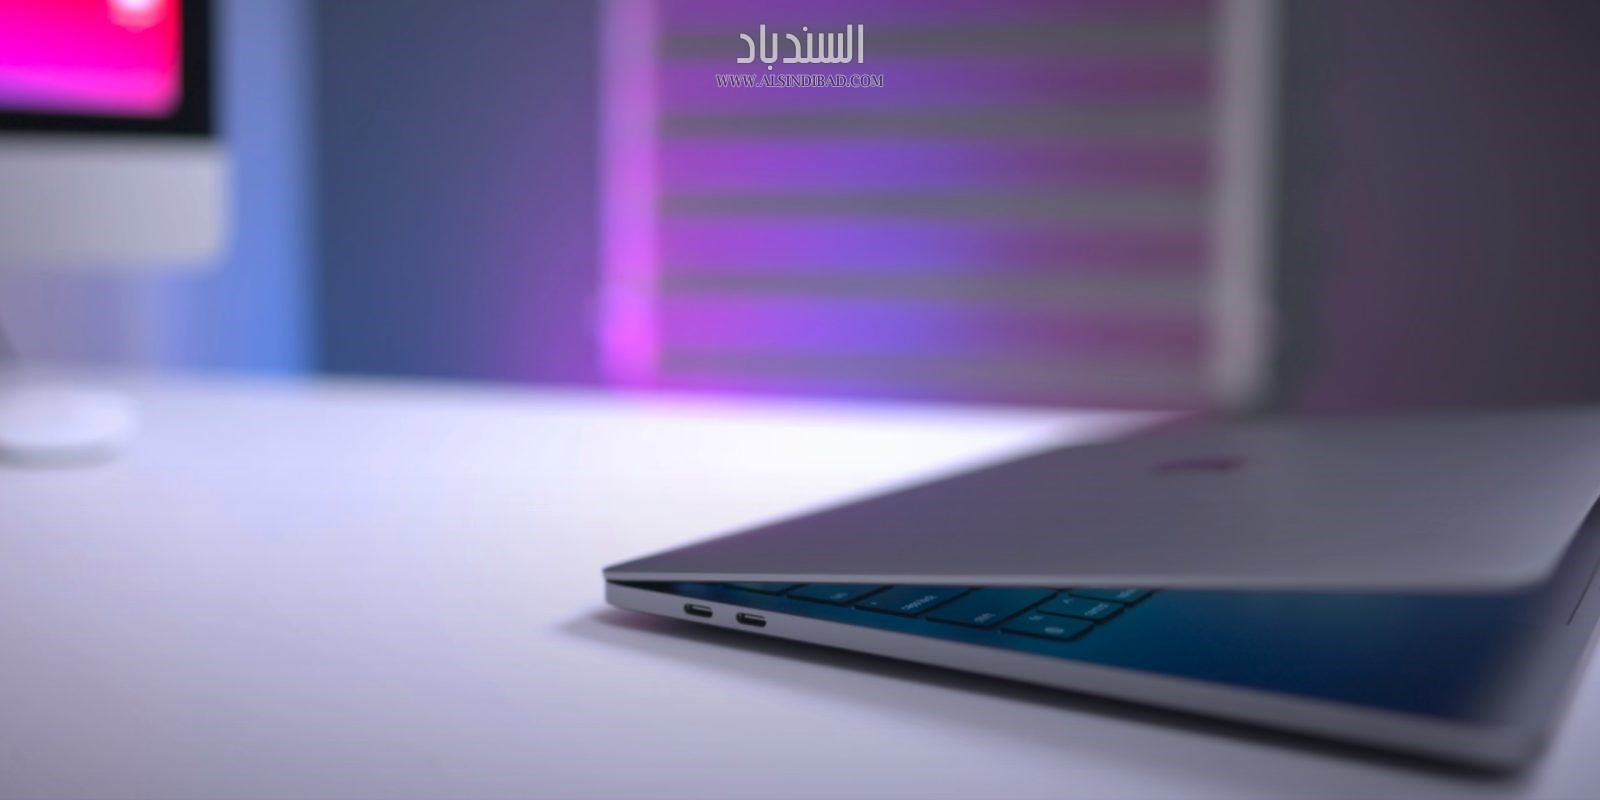 Apple's 2021 MacBook Pro